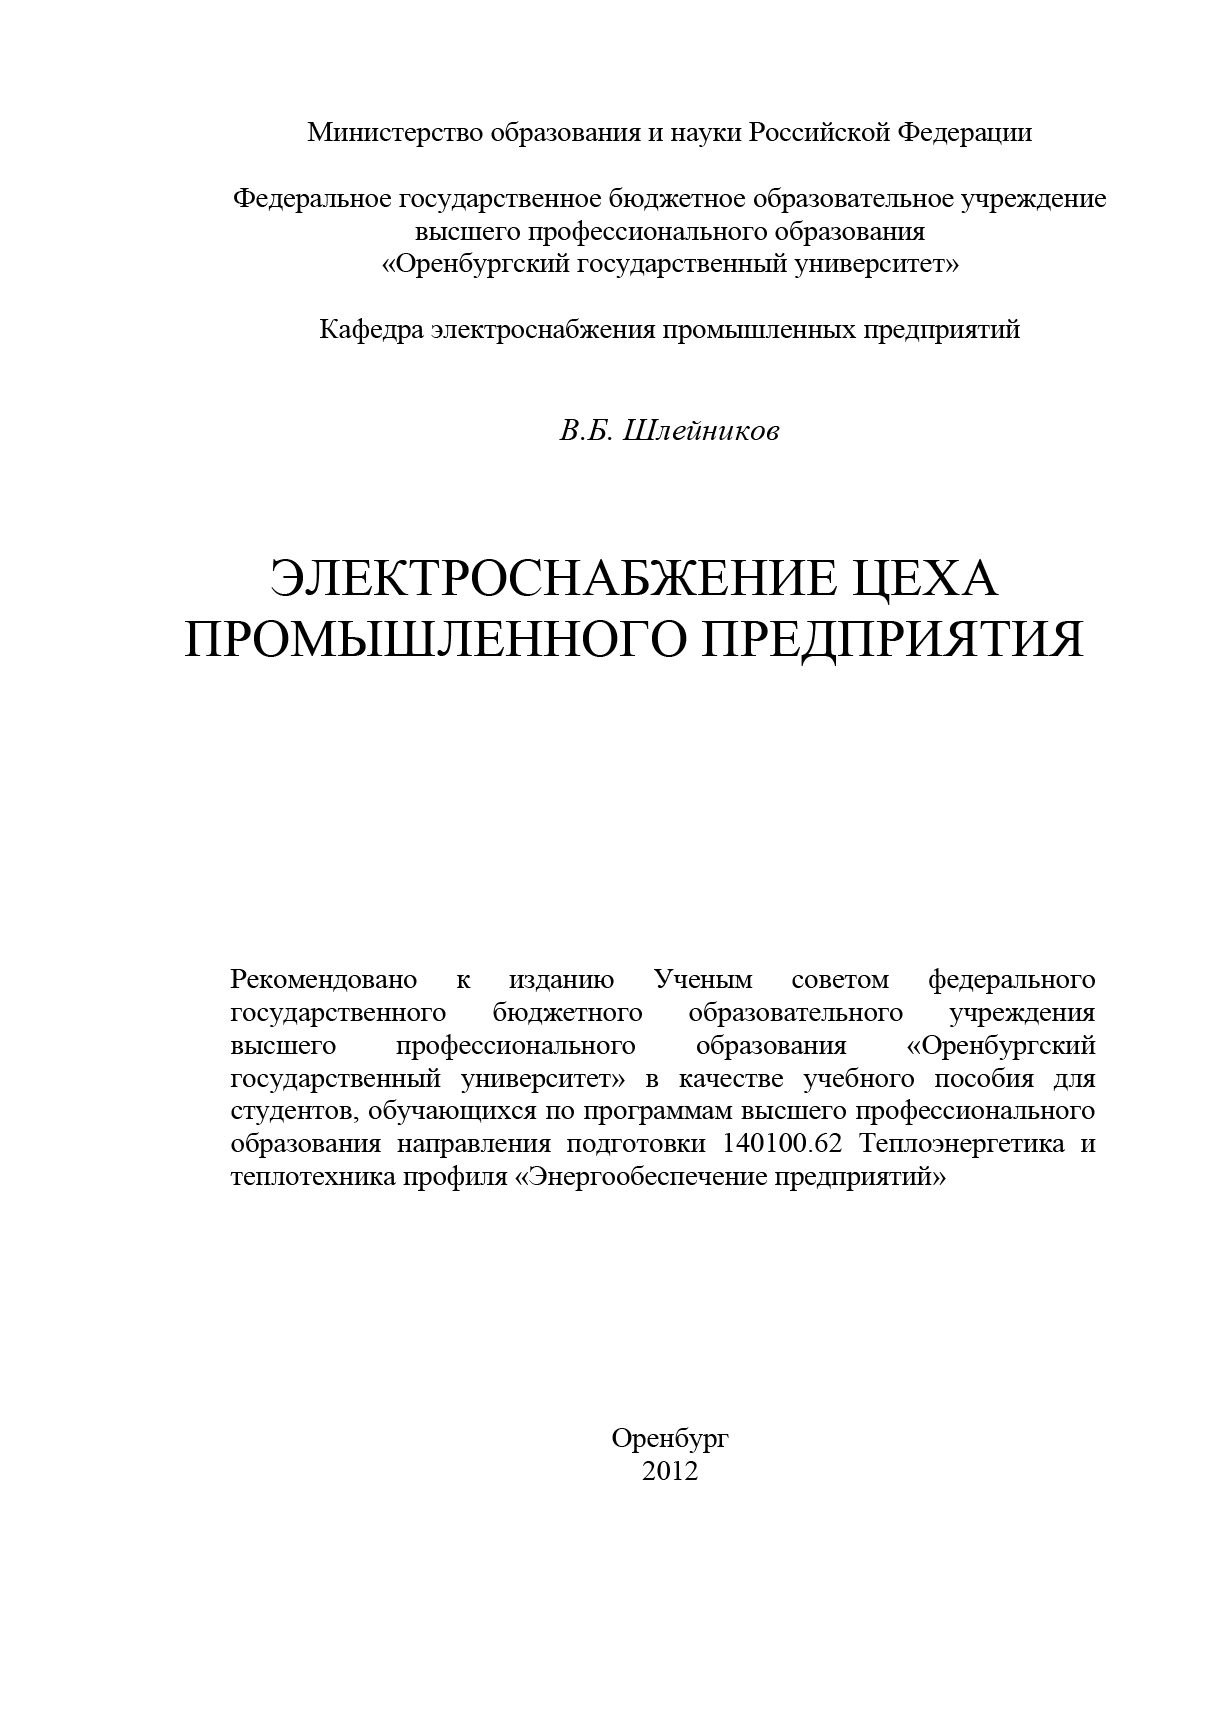 В. Б. Шлейников Электроснабжение цеха промышленного предприятия